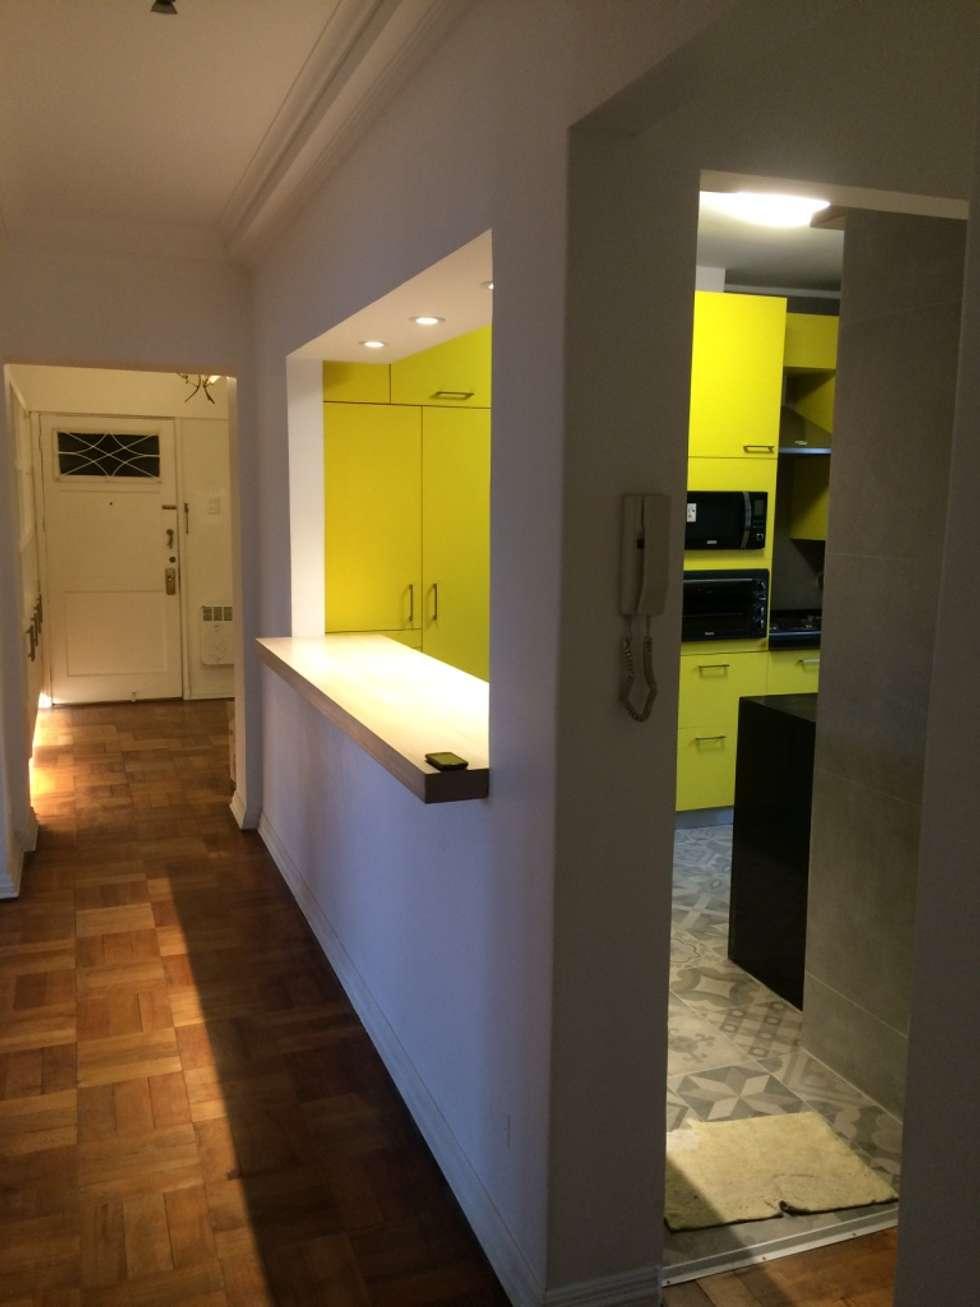 Cocina Remodelación Depto Sta Maria: Cocinas equipadas de estilo  por PICHARA + RIOS arquitectos